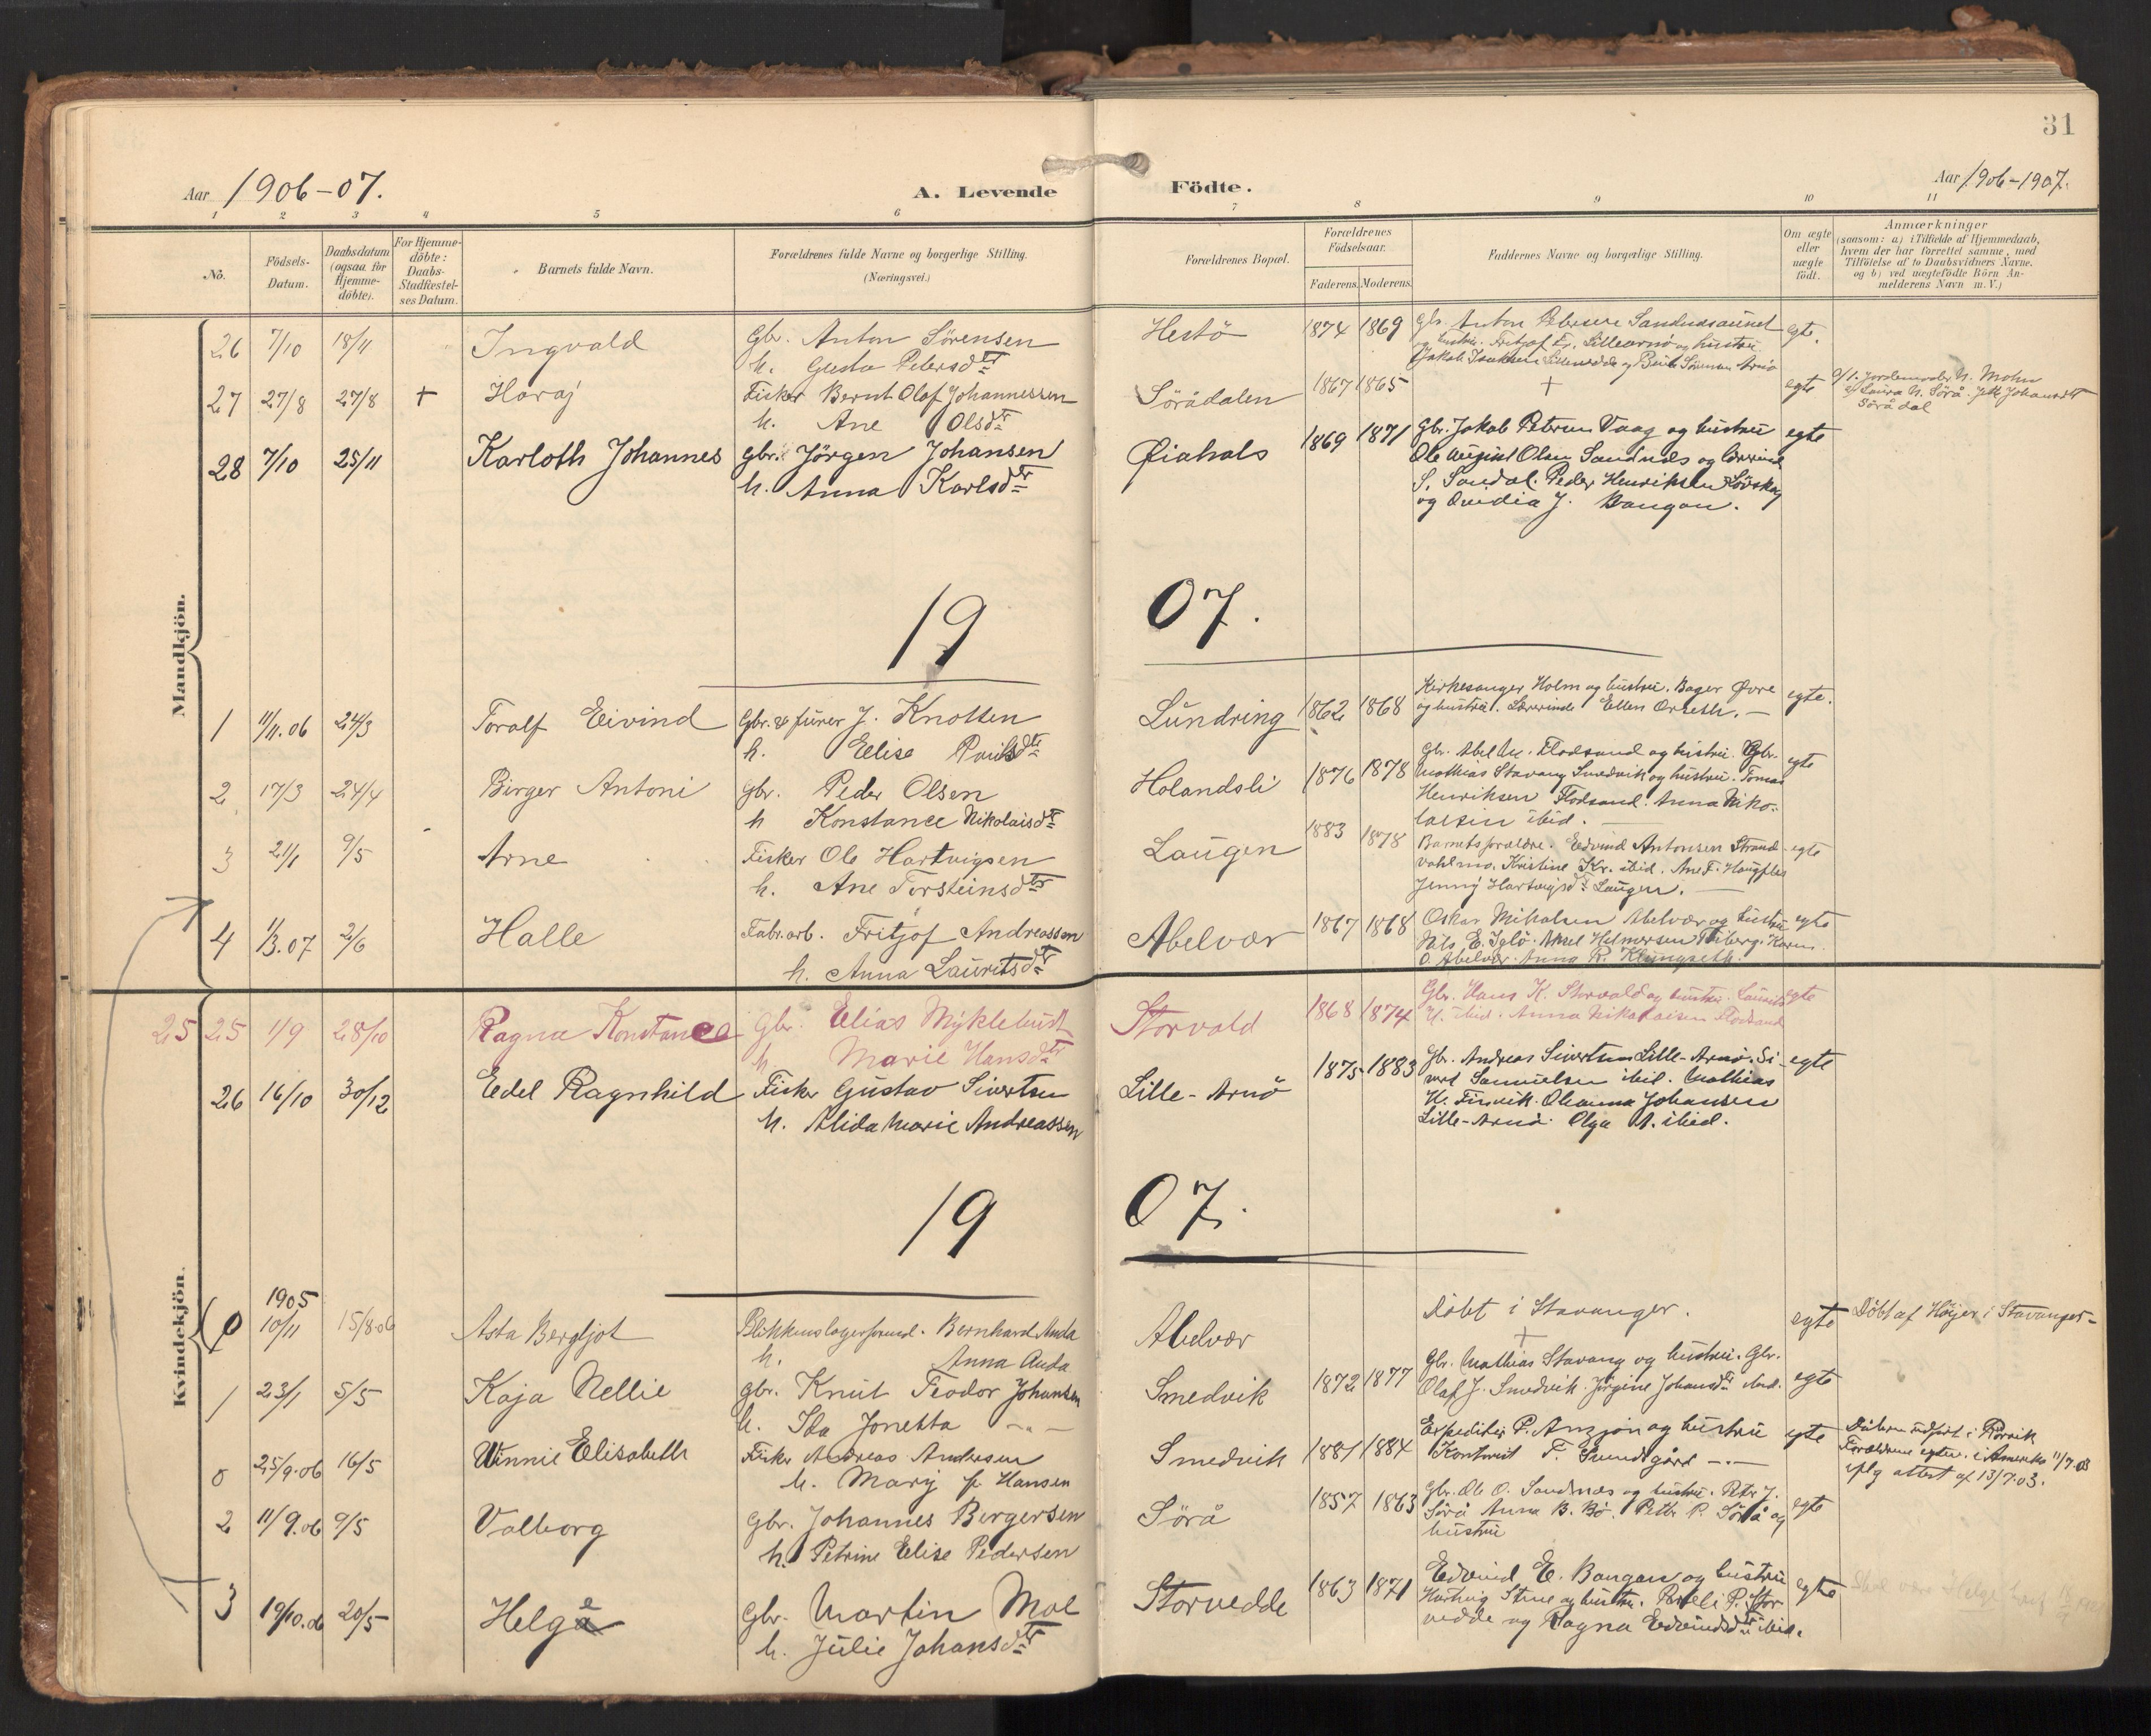 SAT, Ministerialprotokoller, klokkerbøker og fødselsregistre - Nord-Trøndelag, 784/L0677: Ministerialbok nr. 784A12, 1900-1920, s. 31